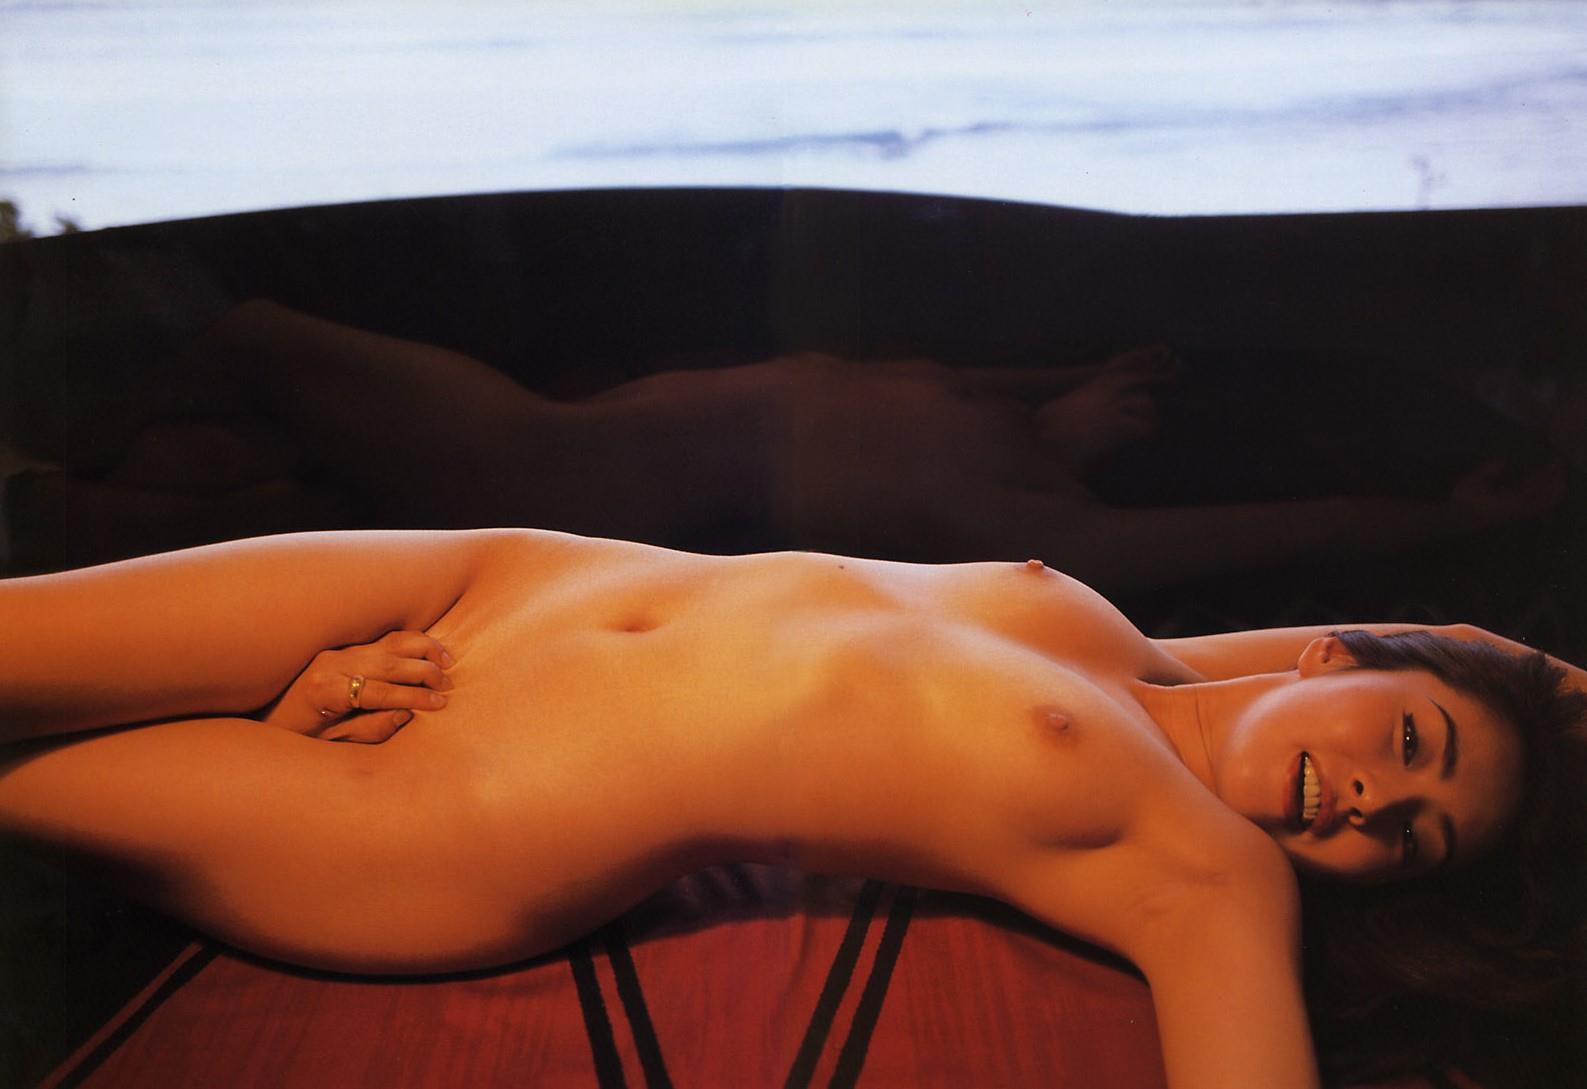 全裸でオマンコ必死に隠してる往生際悪い女のエロ画像32枚・5枚目の画像